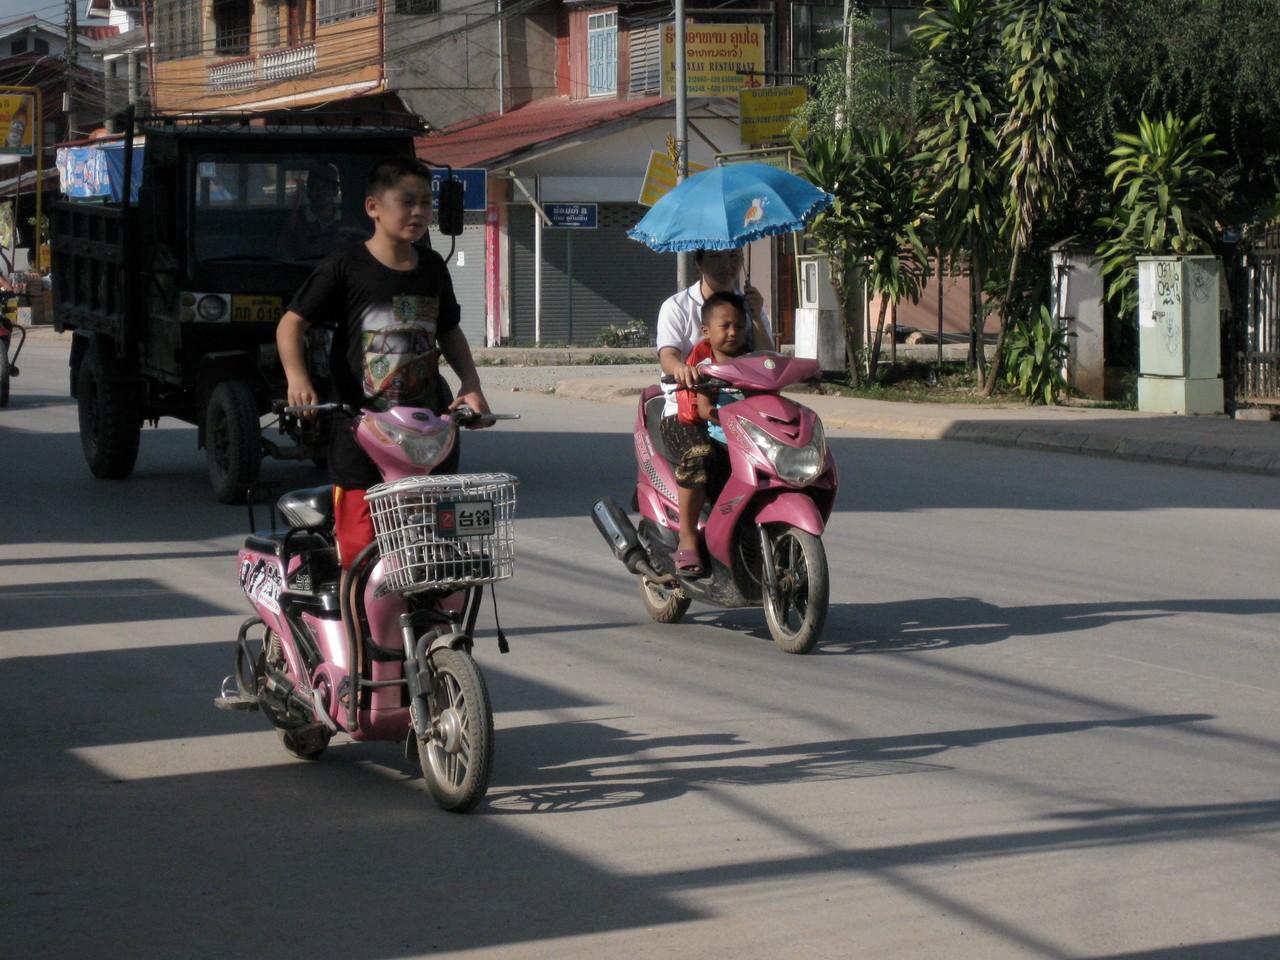 子供を乗せて片手運転。手前は子供のバイク運転。危ないじゃないか!